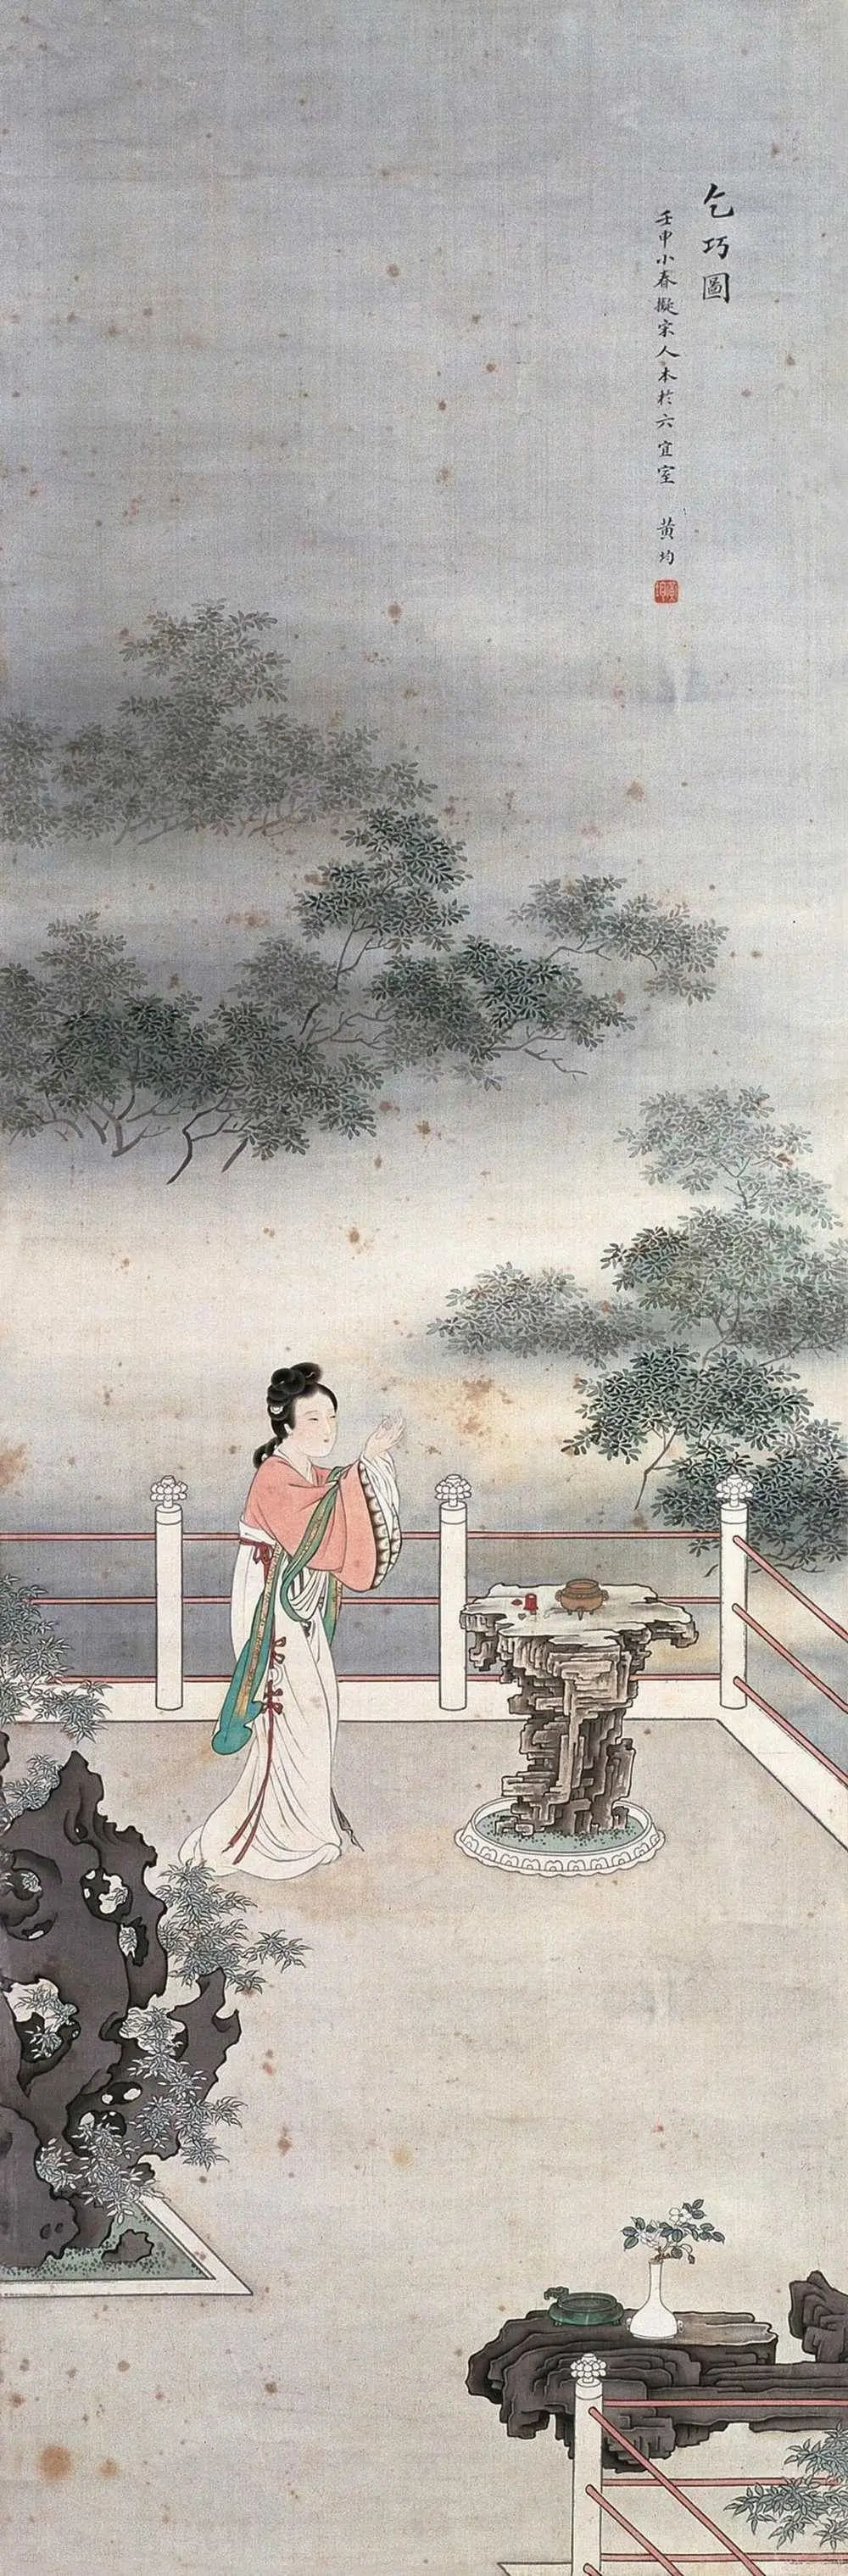 七夕节丨艺术与爱情最相配